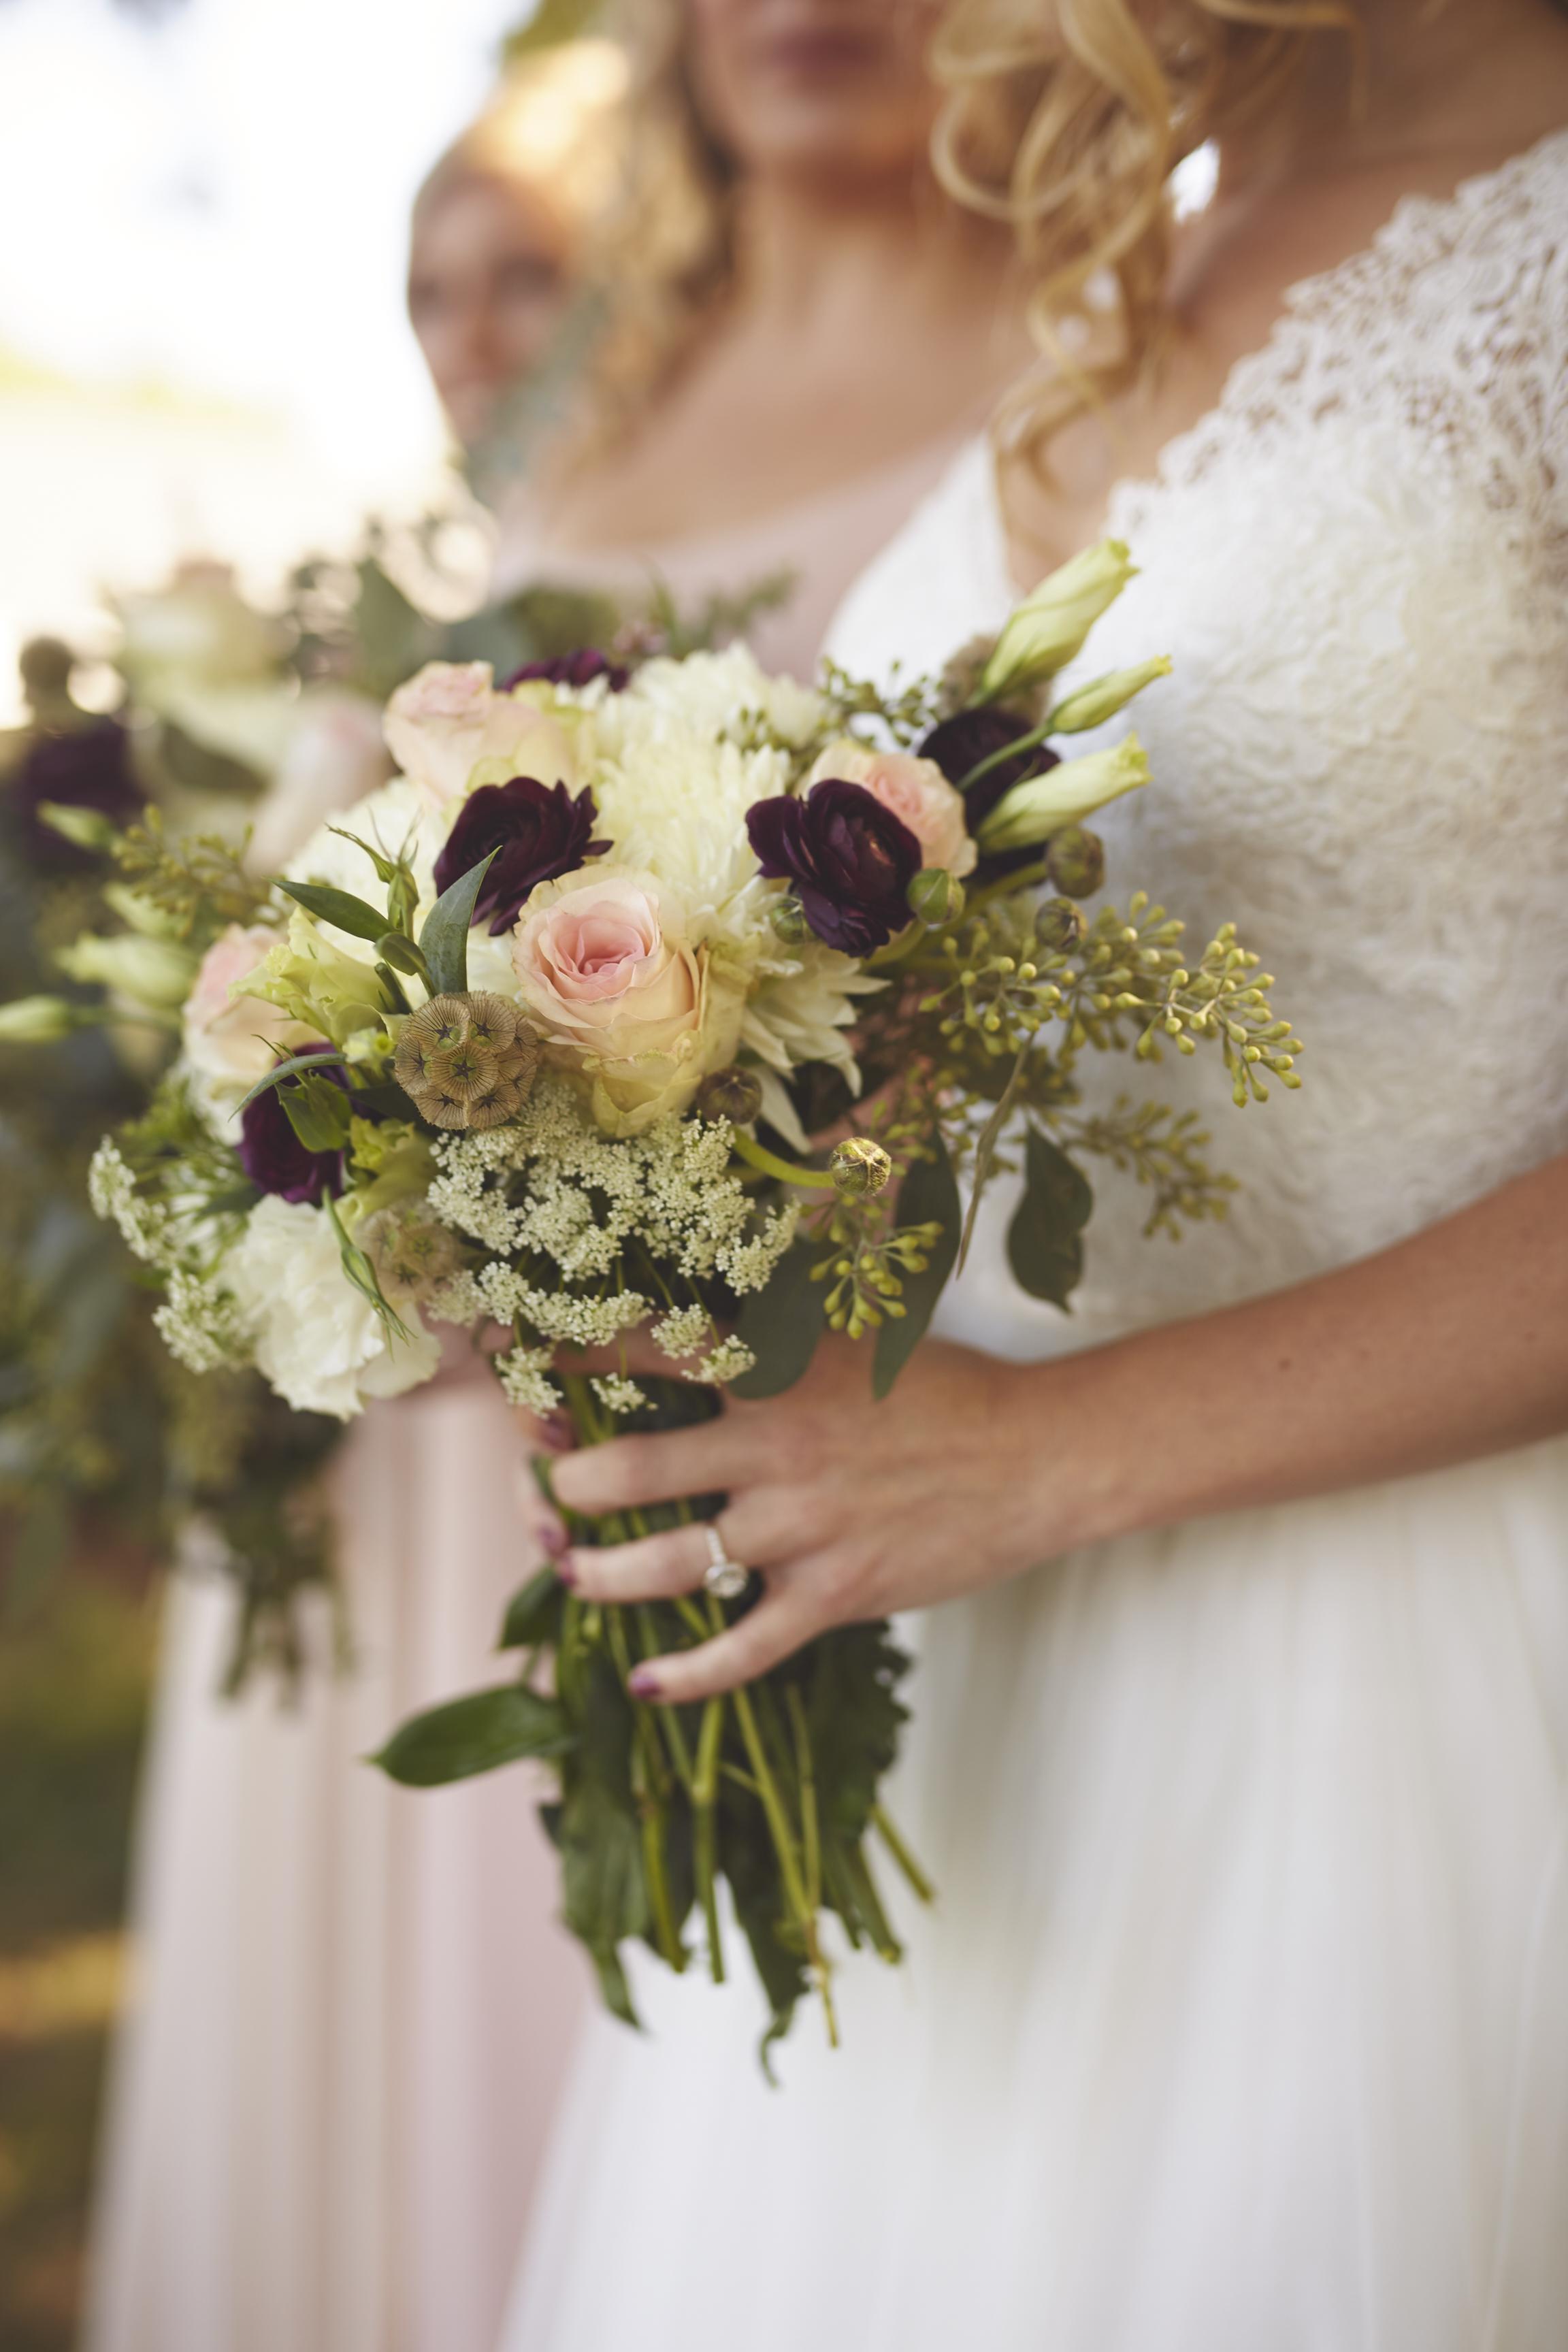 bridal flower bouquet detail photo